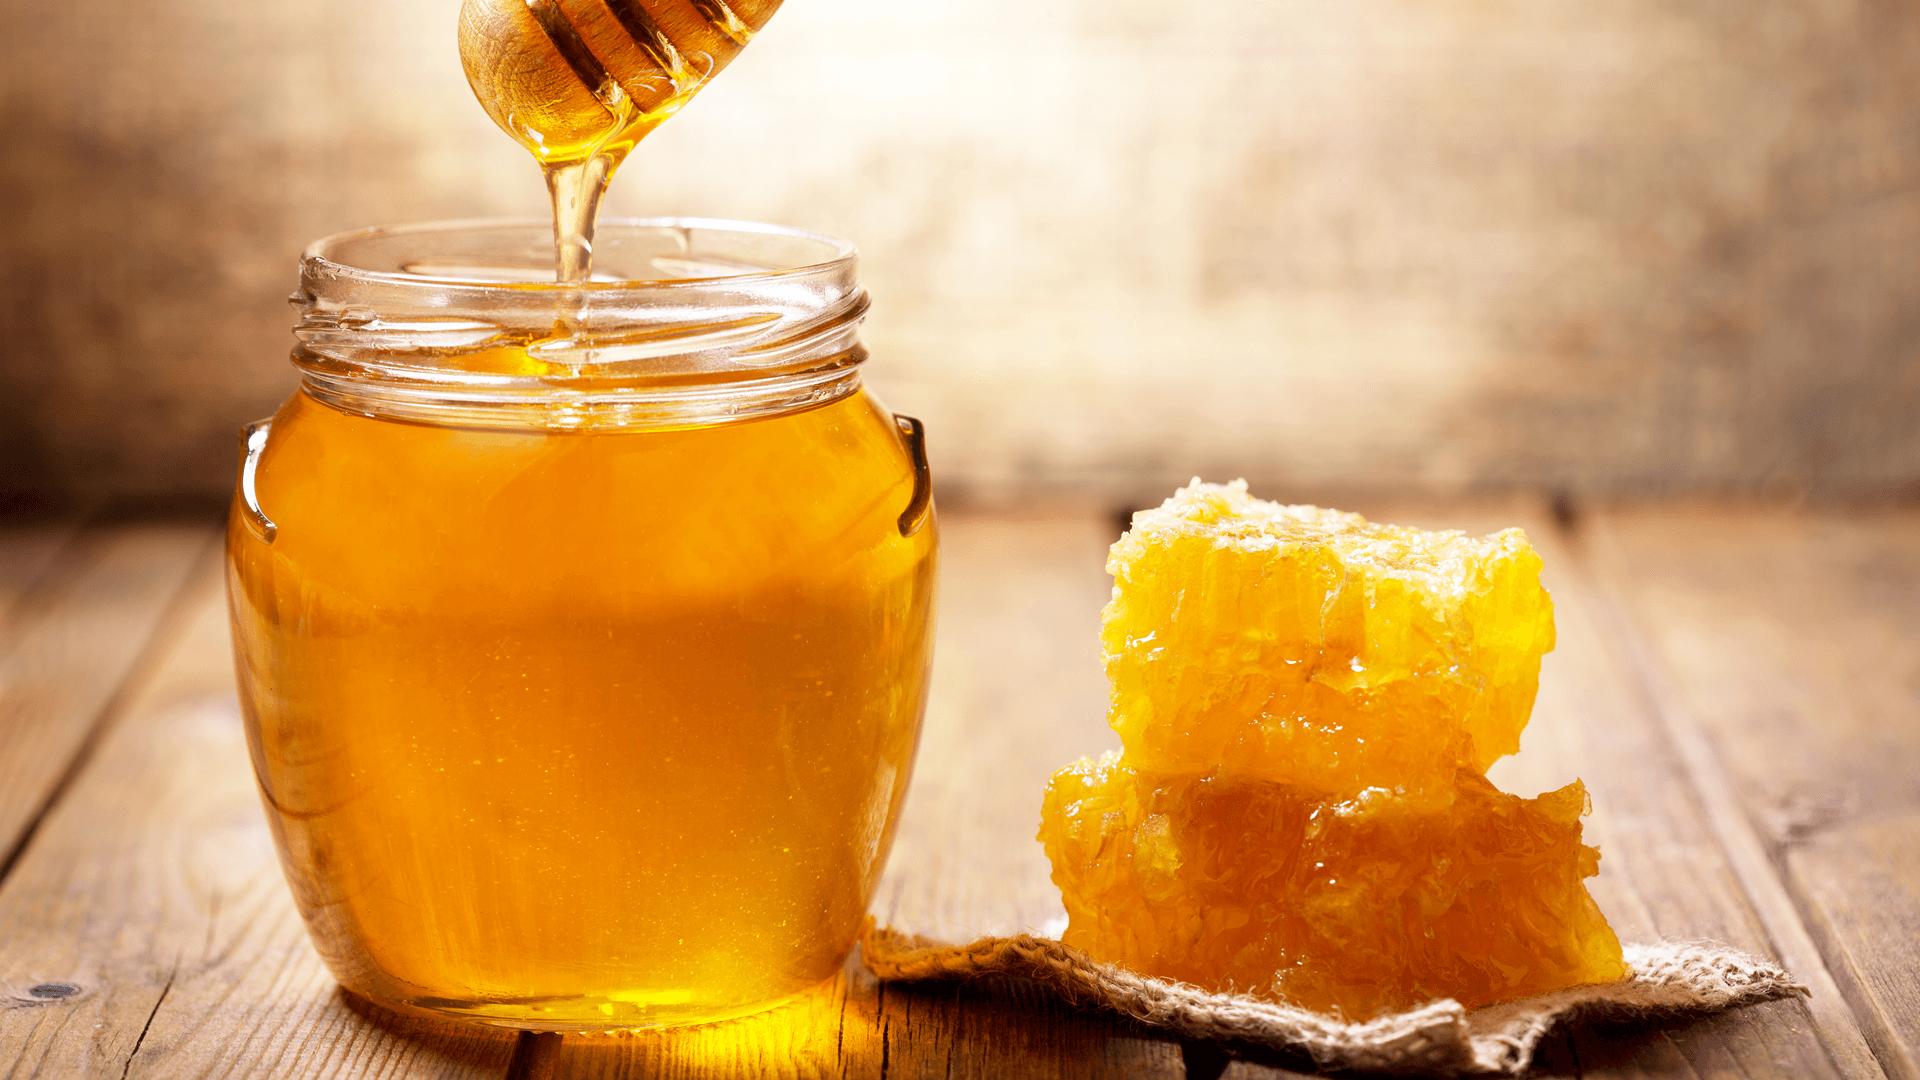 Mật ong giúp kích thích hương vị